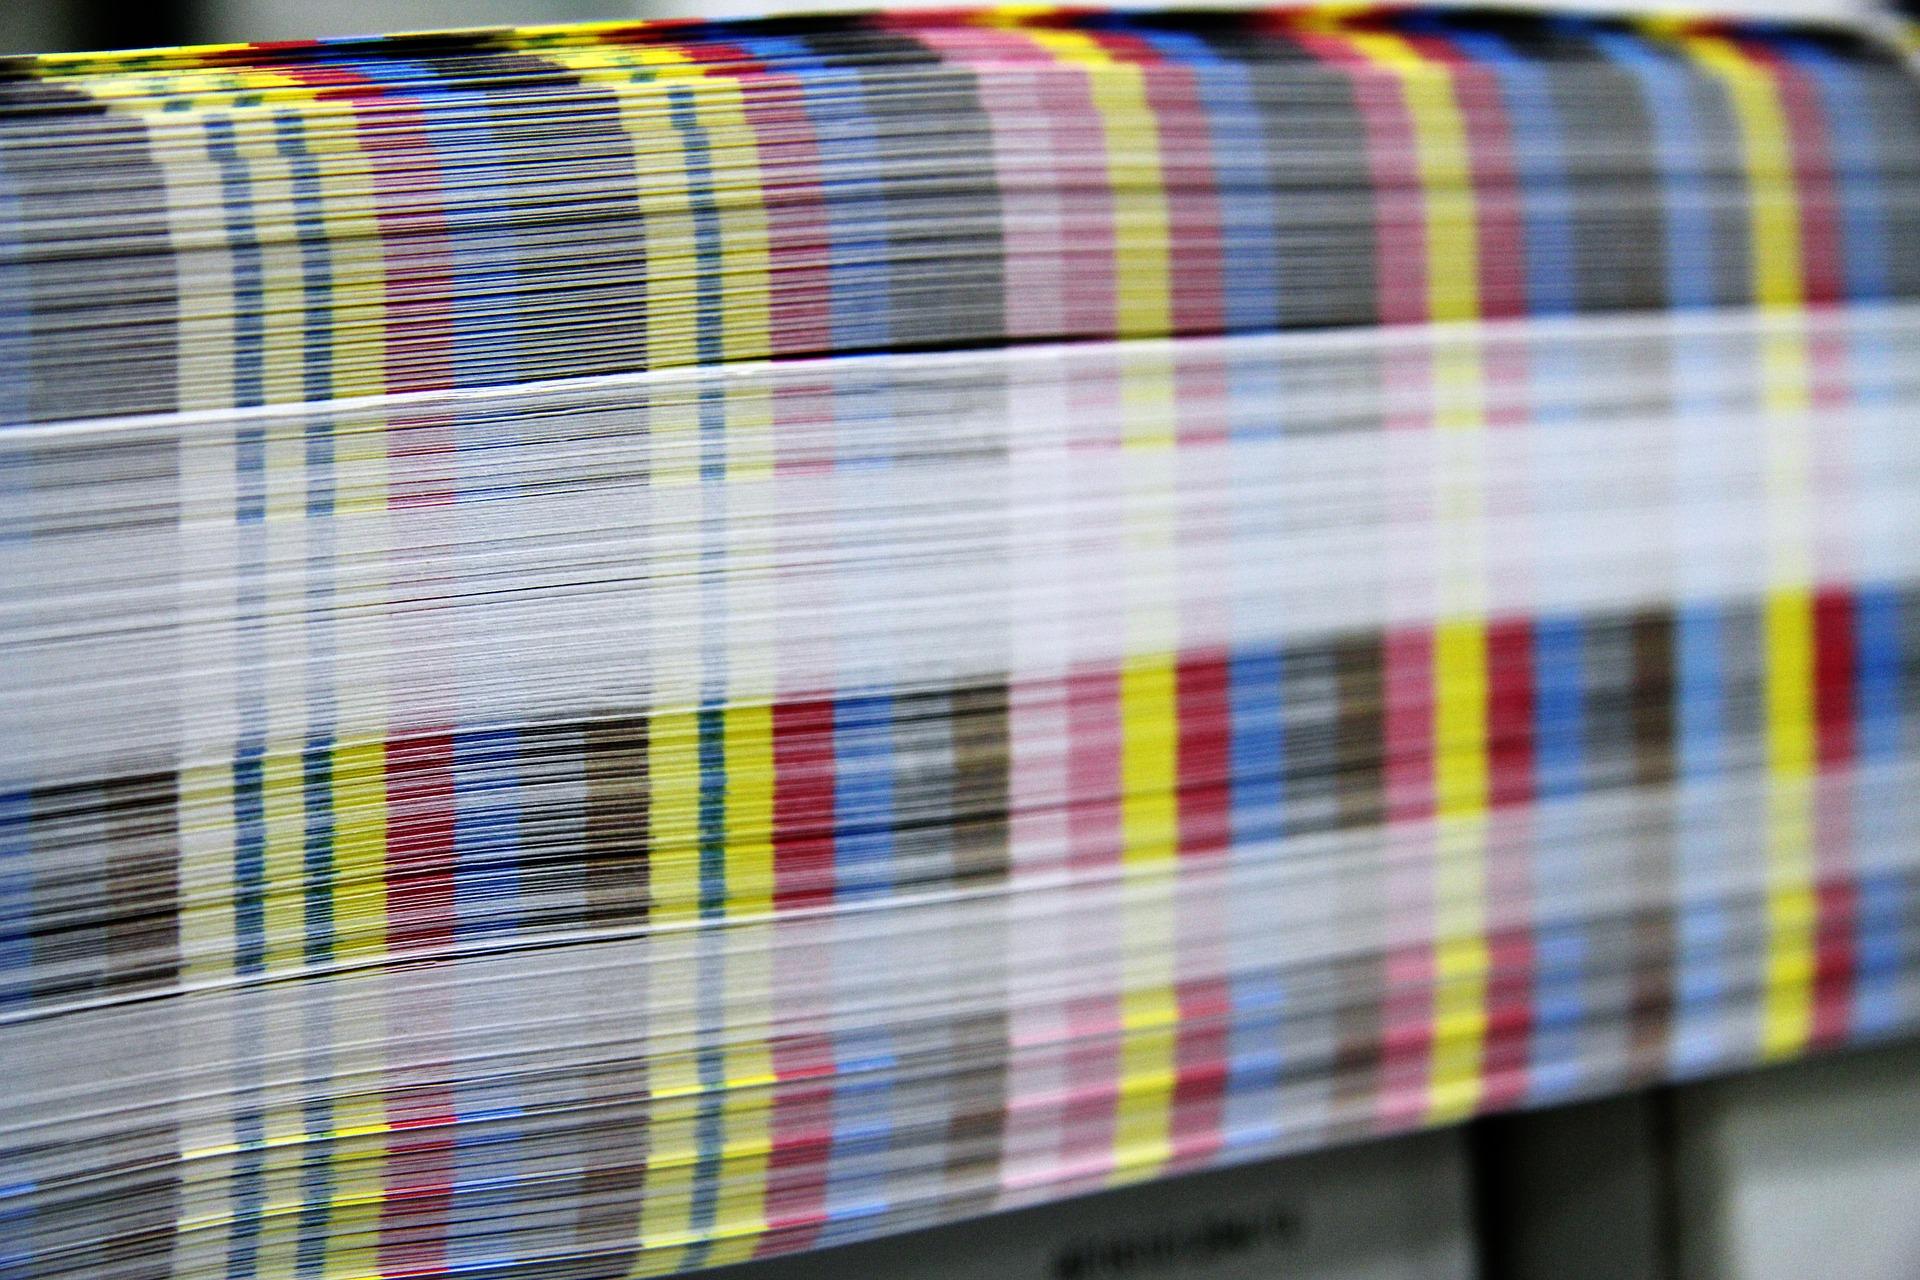 printed-matter-2405497_1920